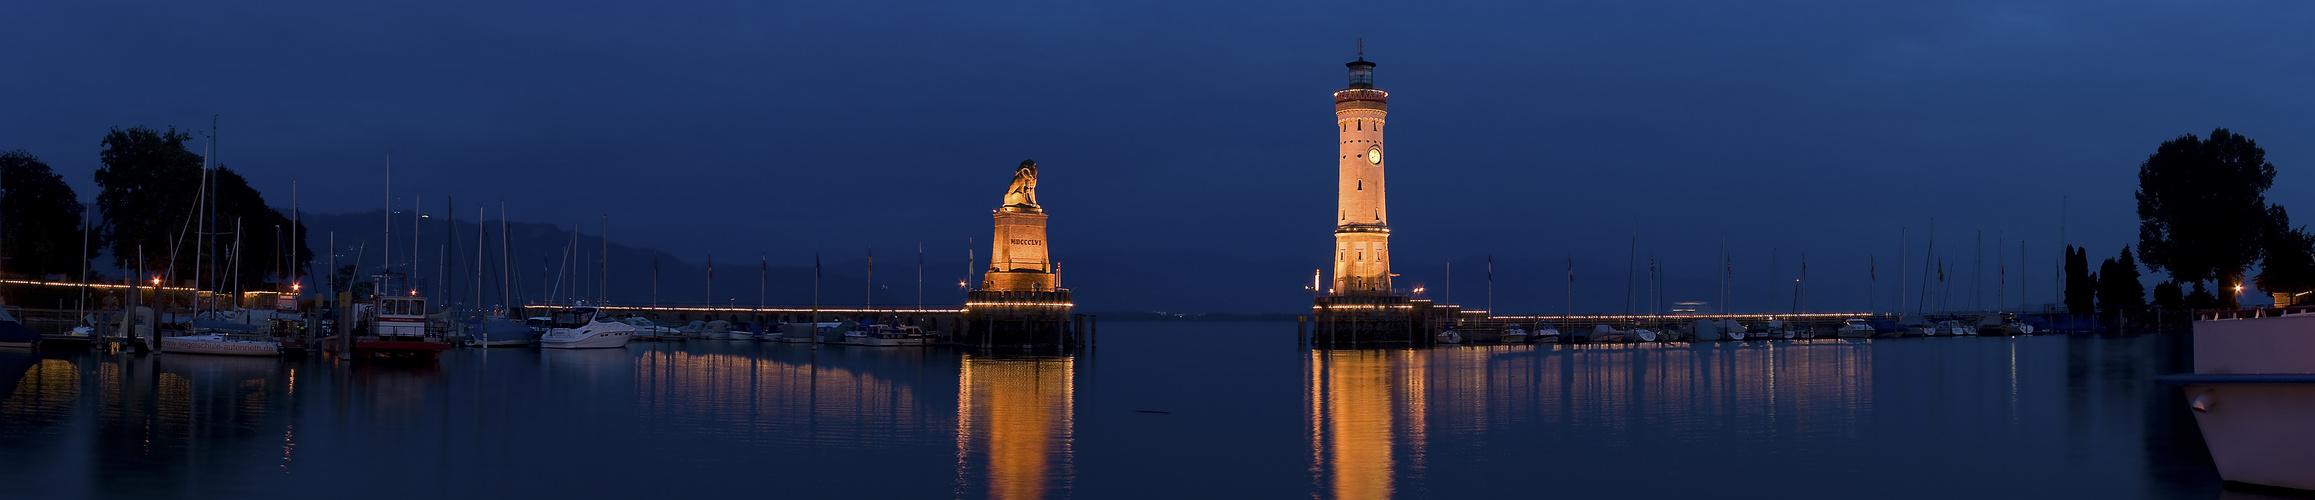 Lindauer Hafen bei Nacht.